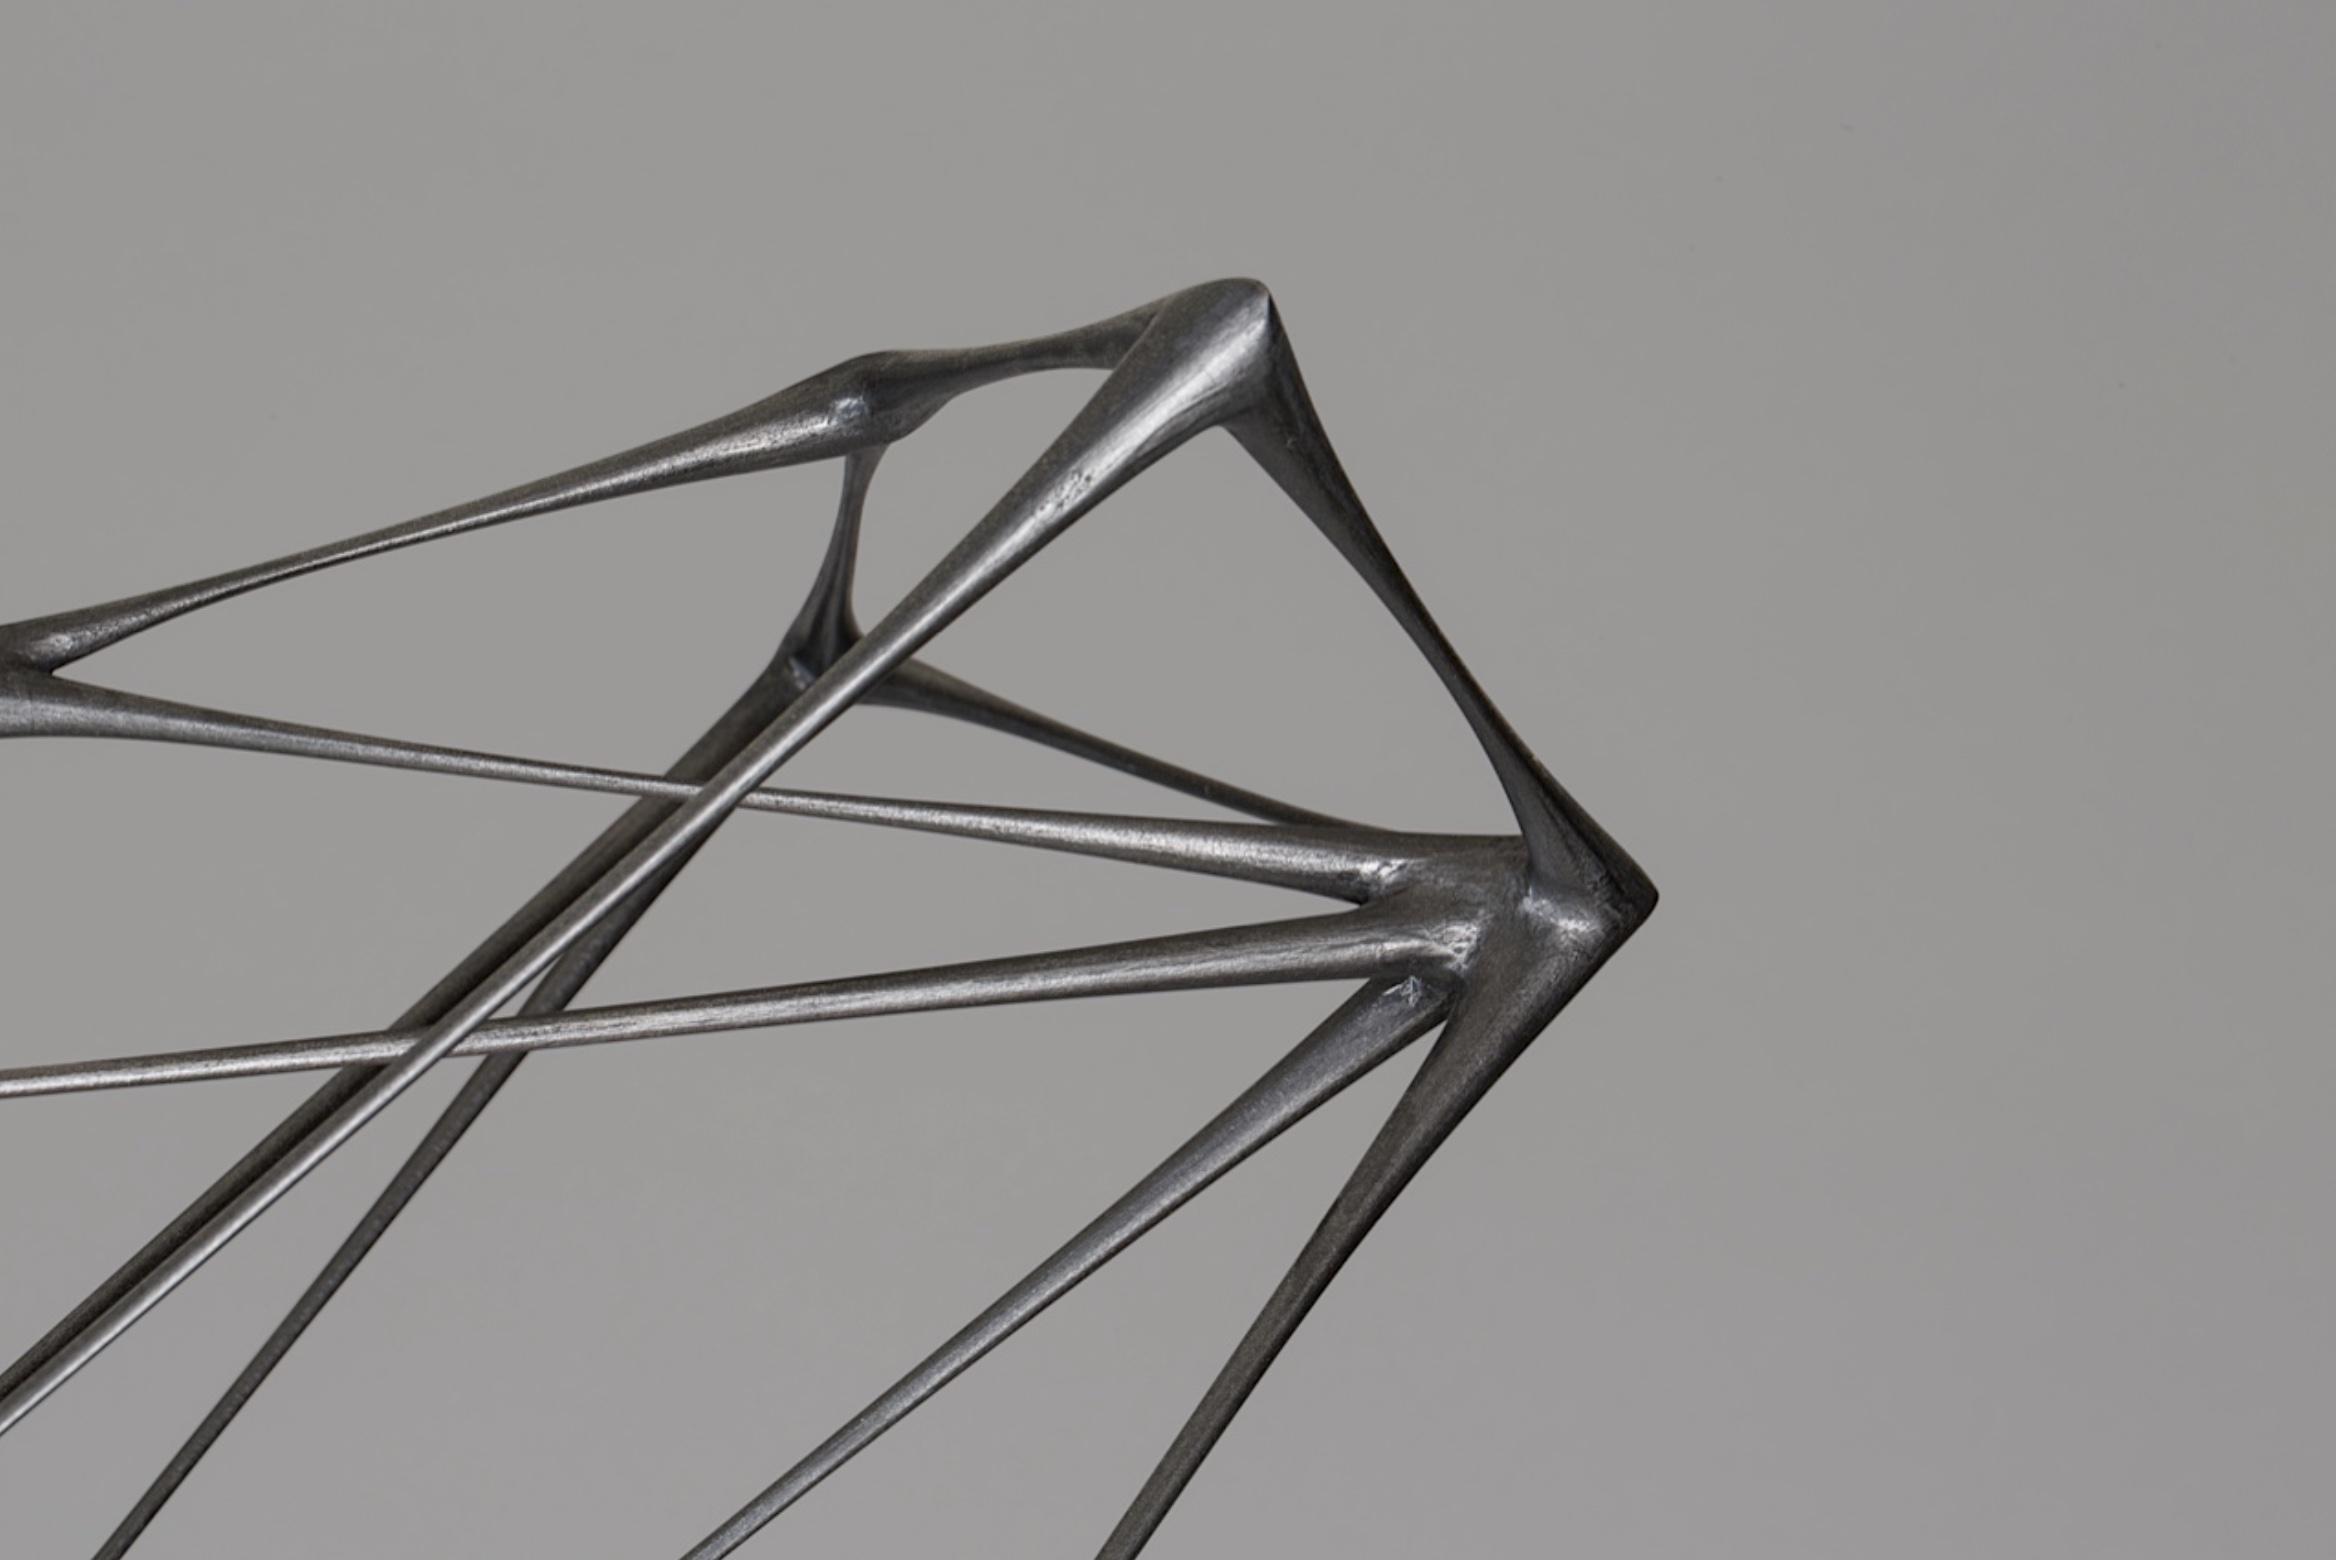 Detail of Black Kite by artist Christopher Kurtz